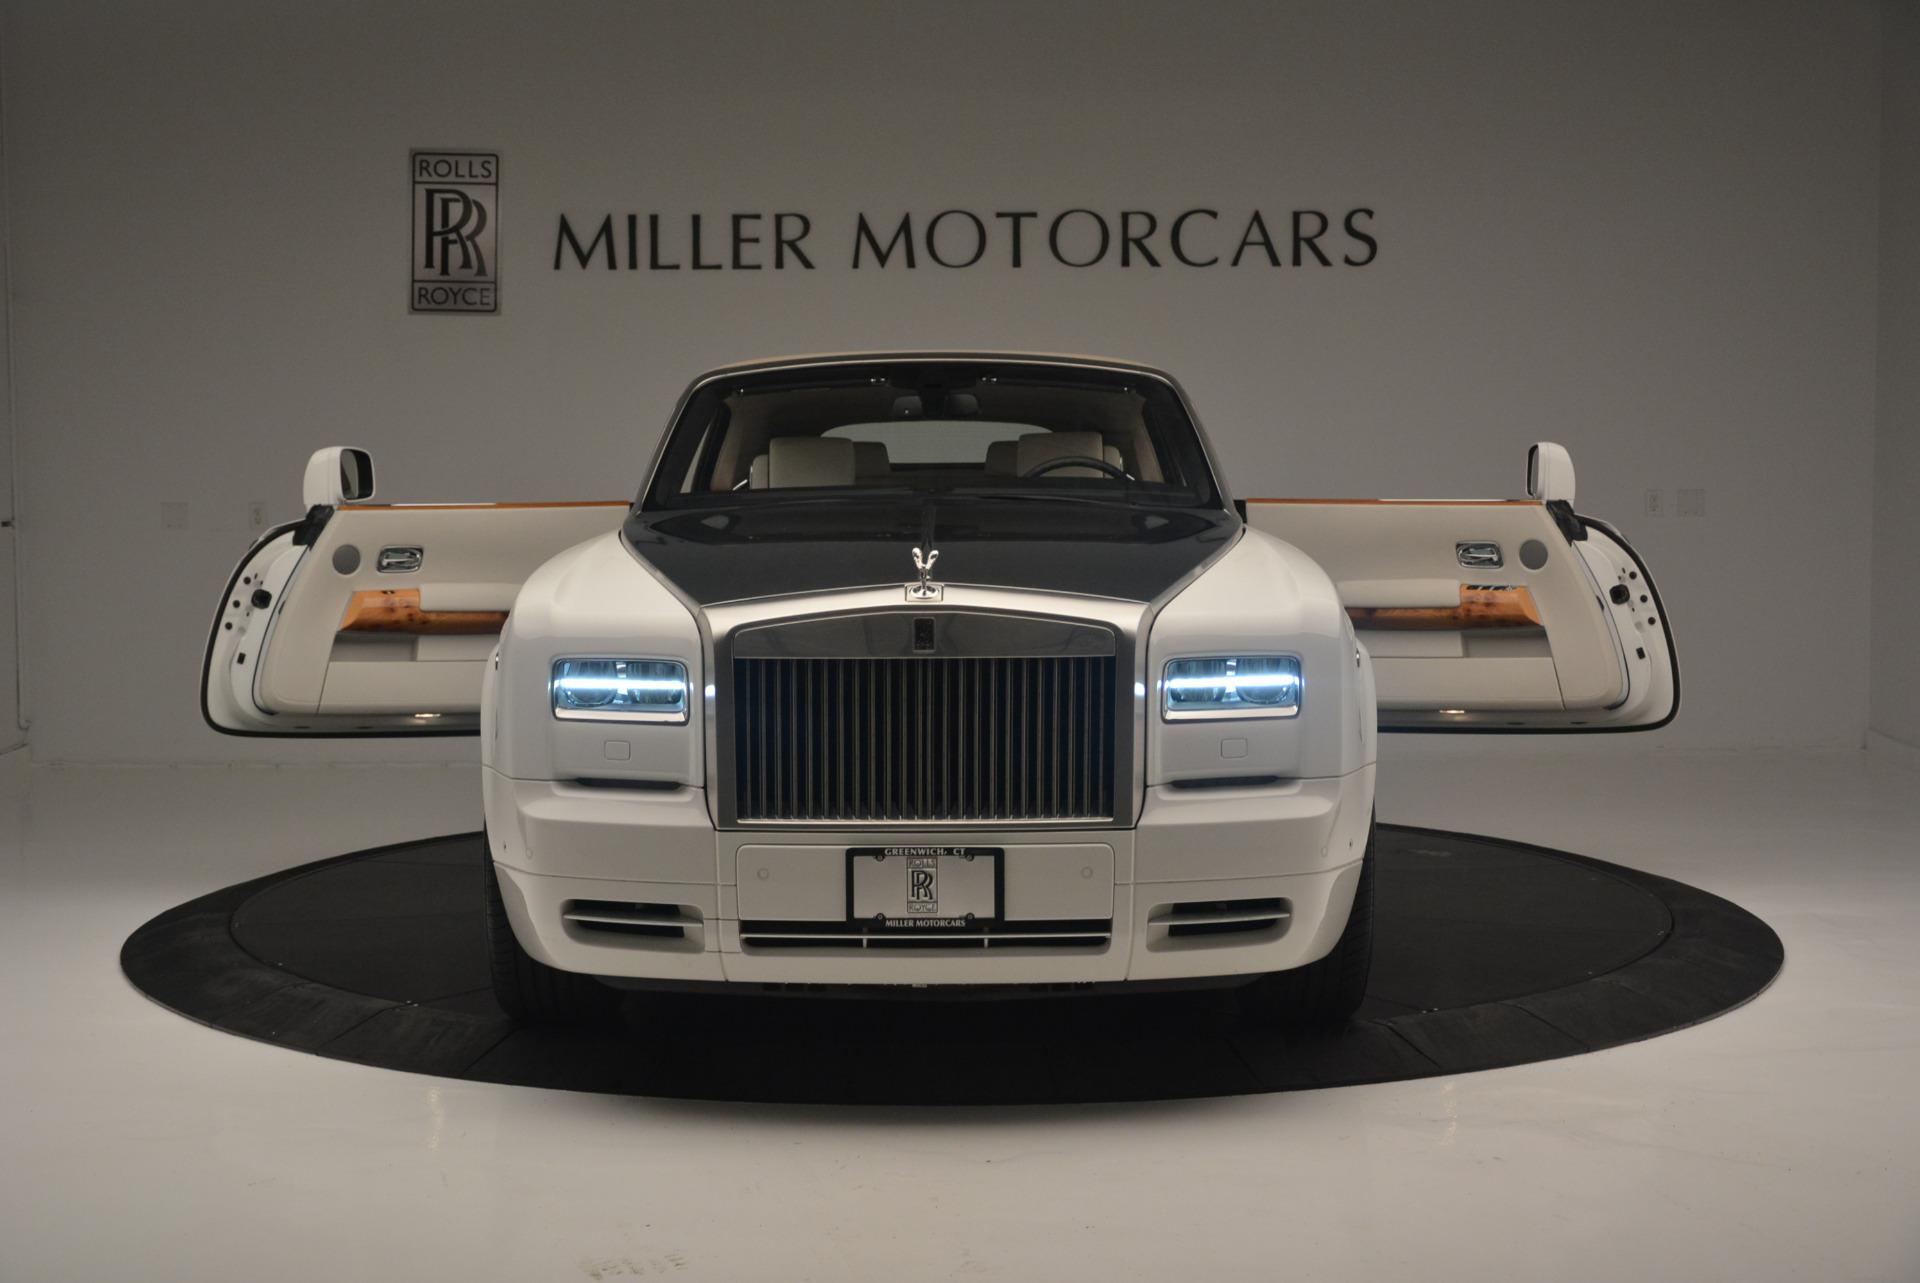 Used 2013 Rolls-Royce Phantom Drophead Coupe  For Sale In Westport, CT 2444_p16